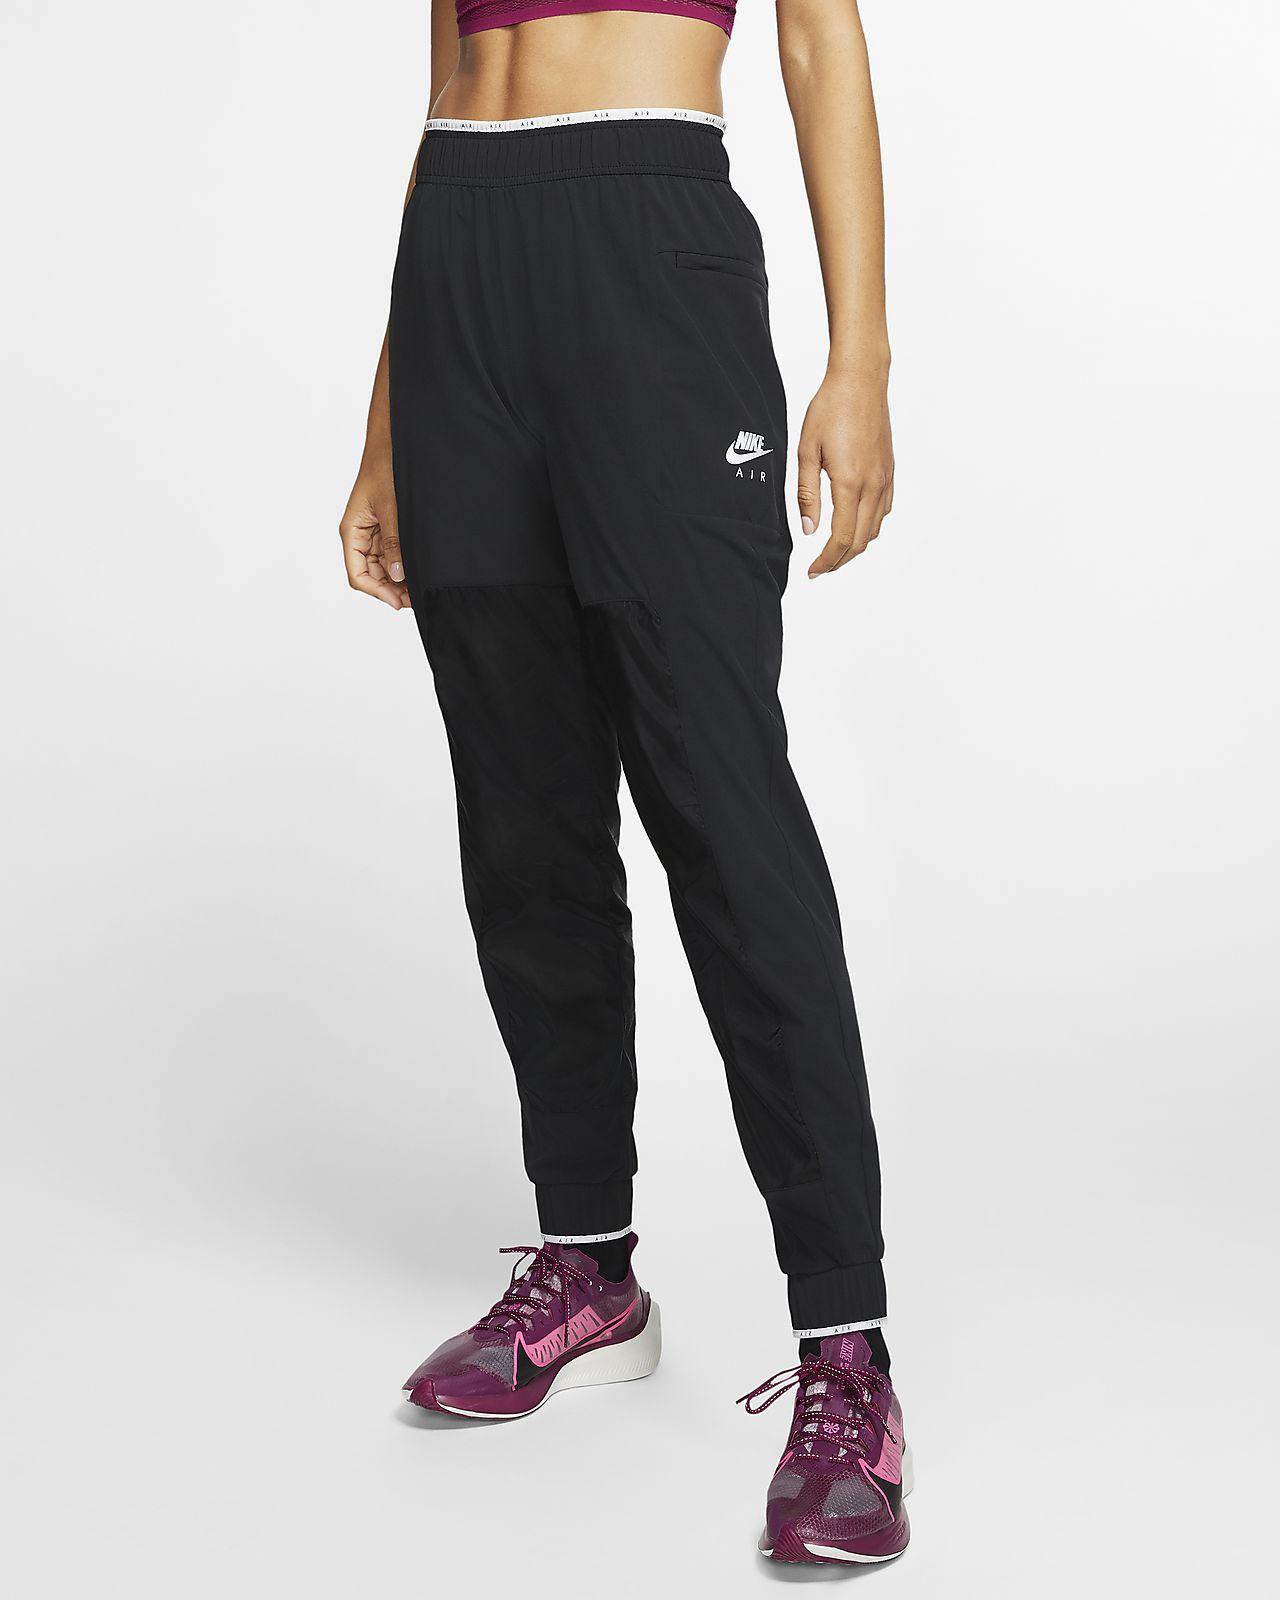 Nike Air løbebukser til kvinder